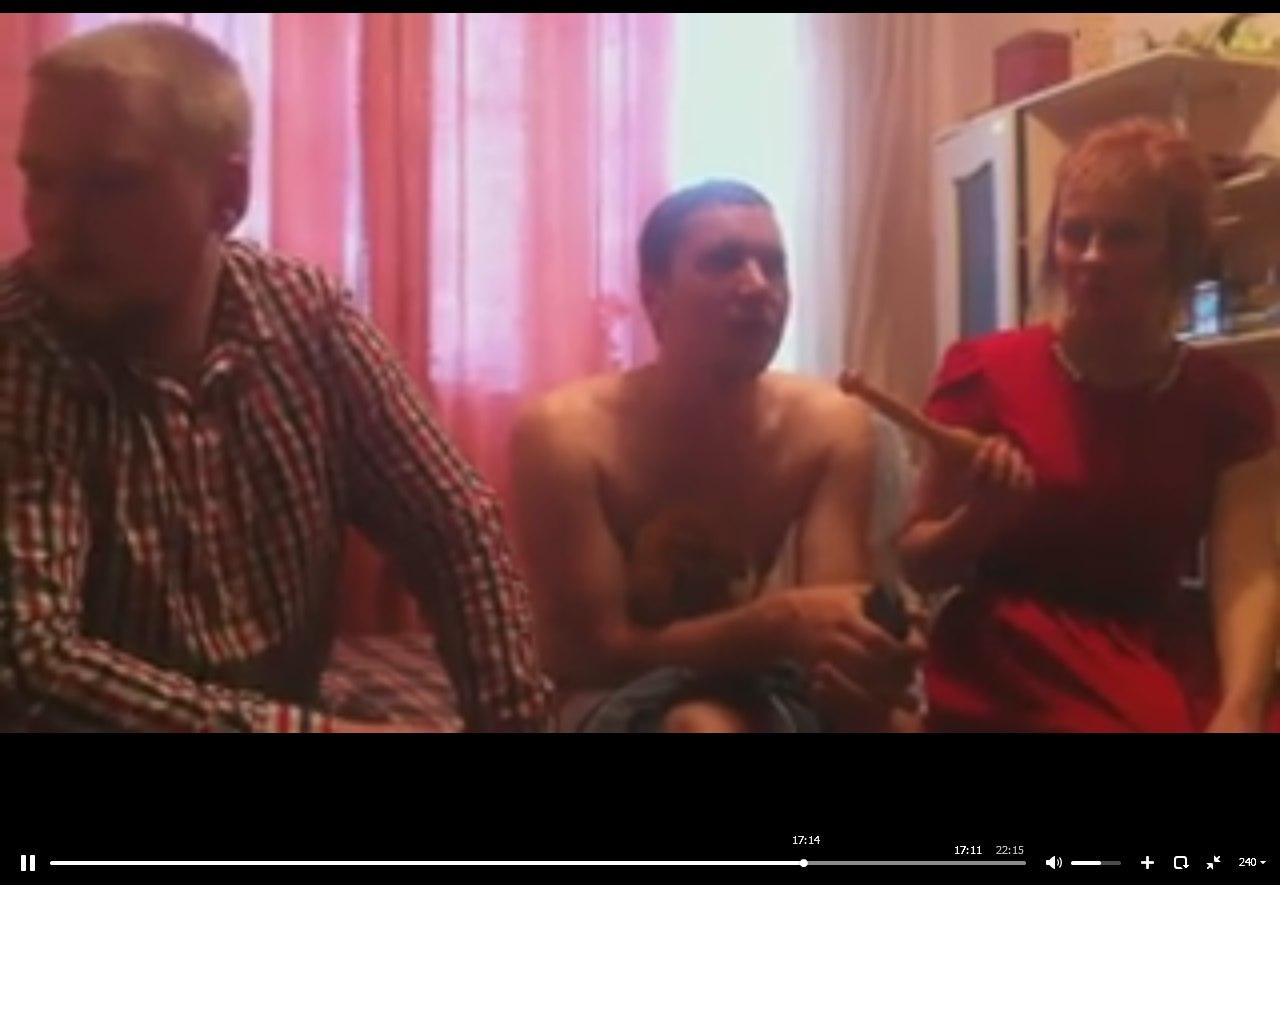 лесбиянка совращает девочку видео